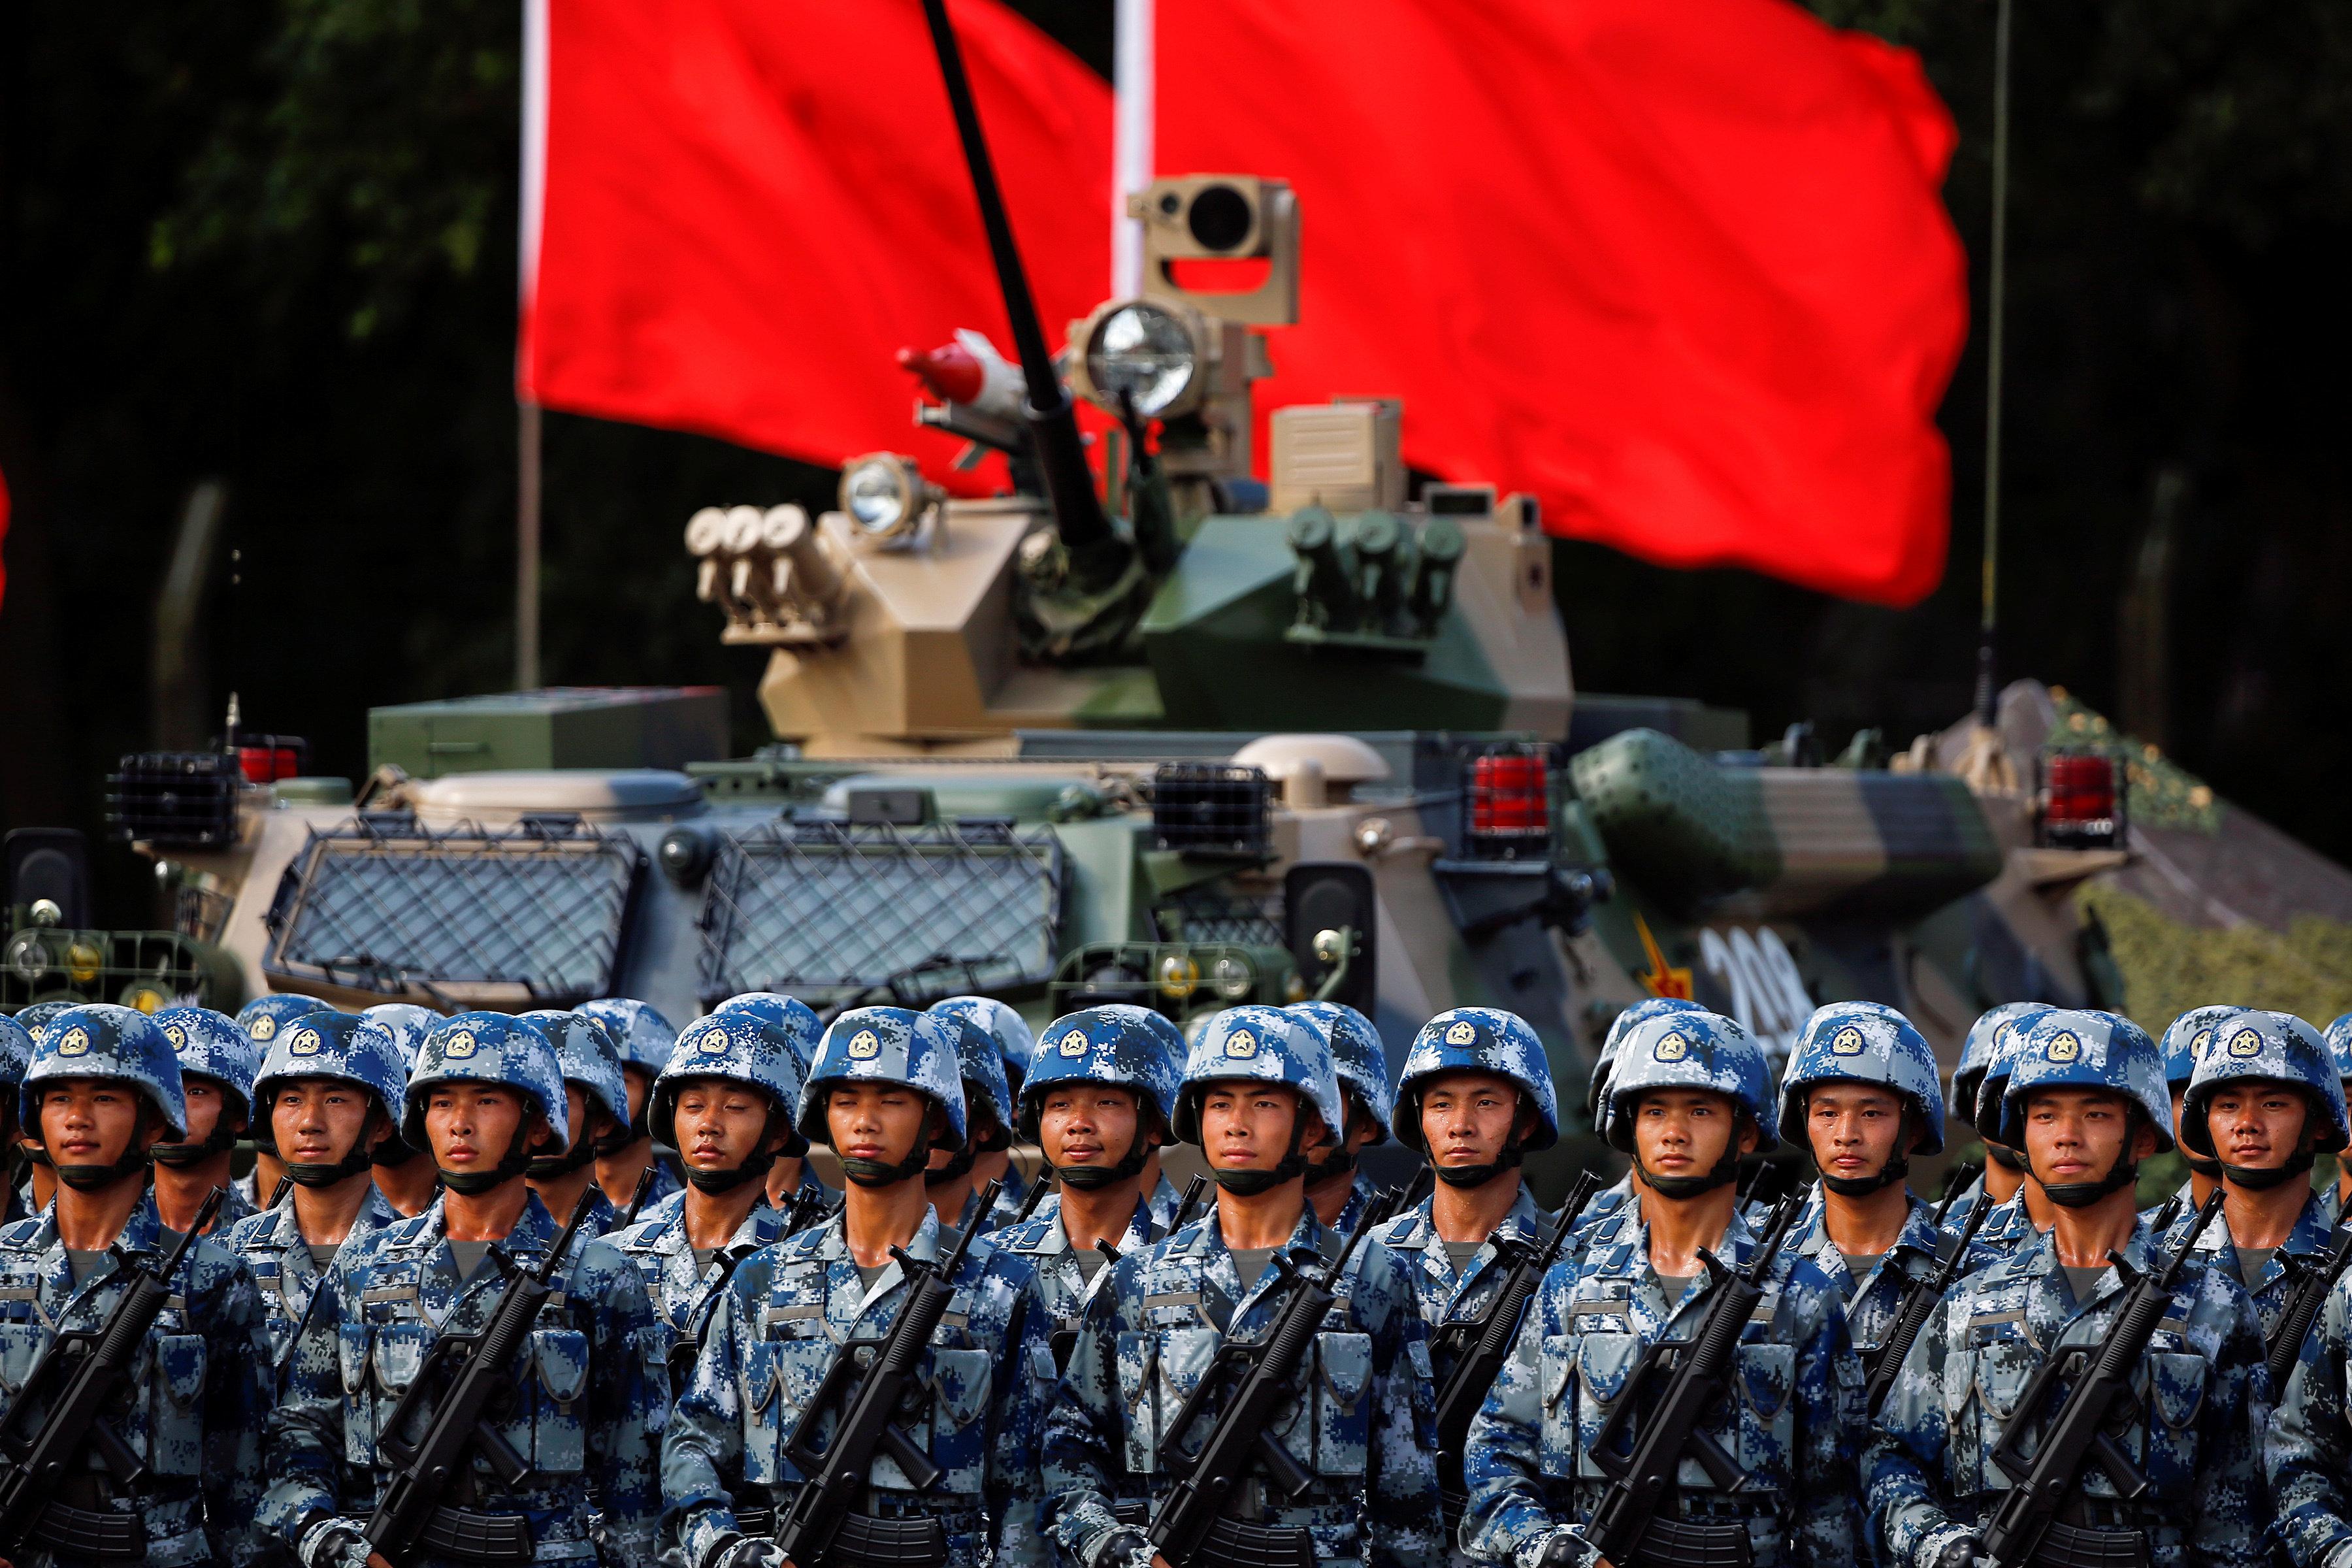 Η Κίνα προειδοποιεί τις ΗΠΑ με εμπλοκή σε πόλεμο για την ανάκτηση της Ταϊβάν εάν προχωρήσει σε σύσφιξη των